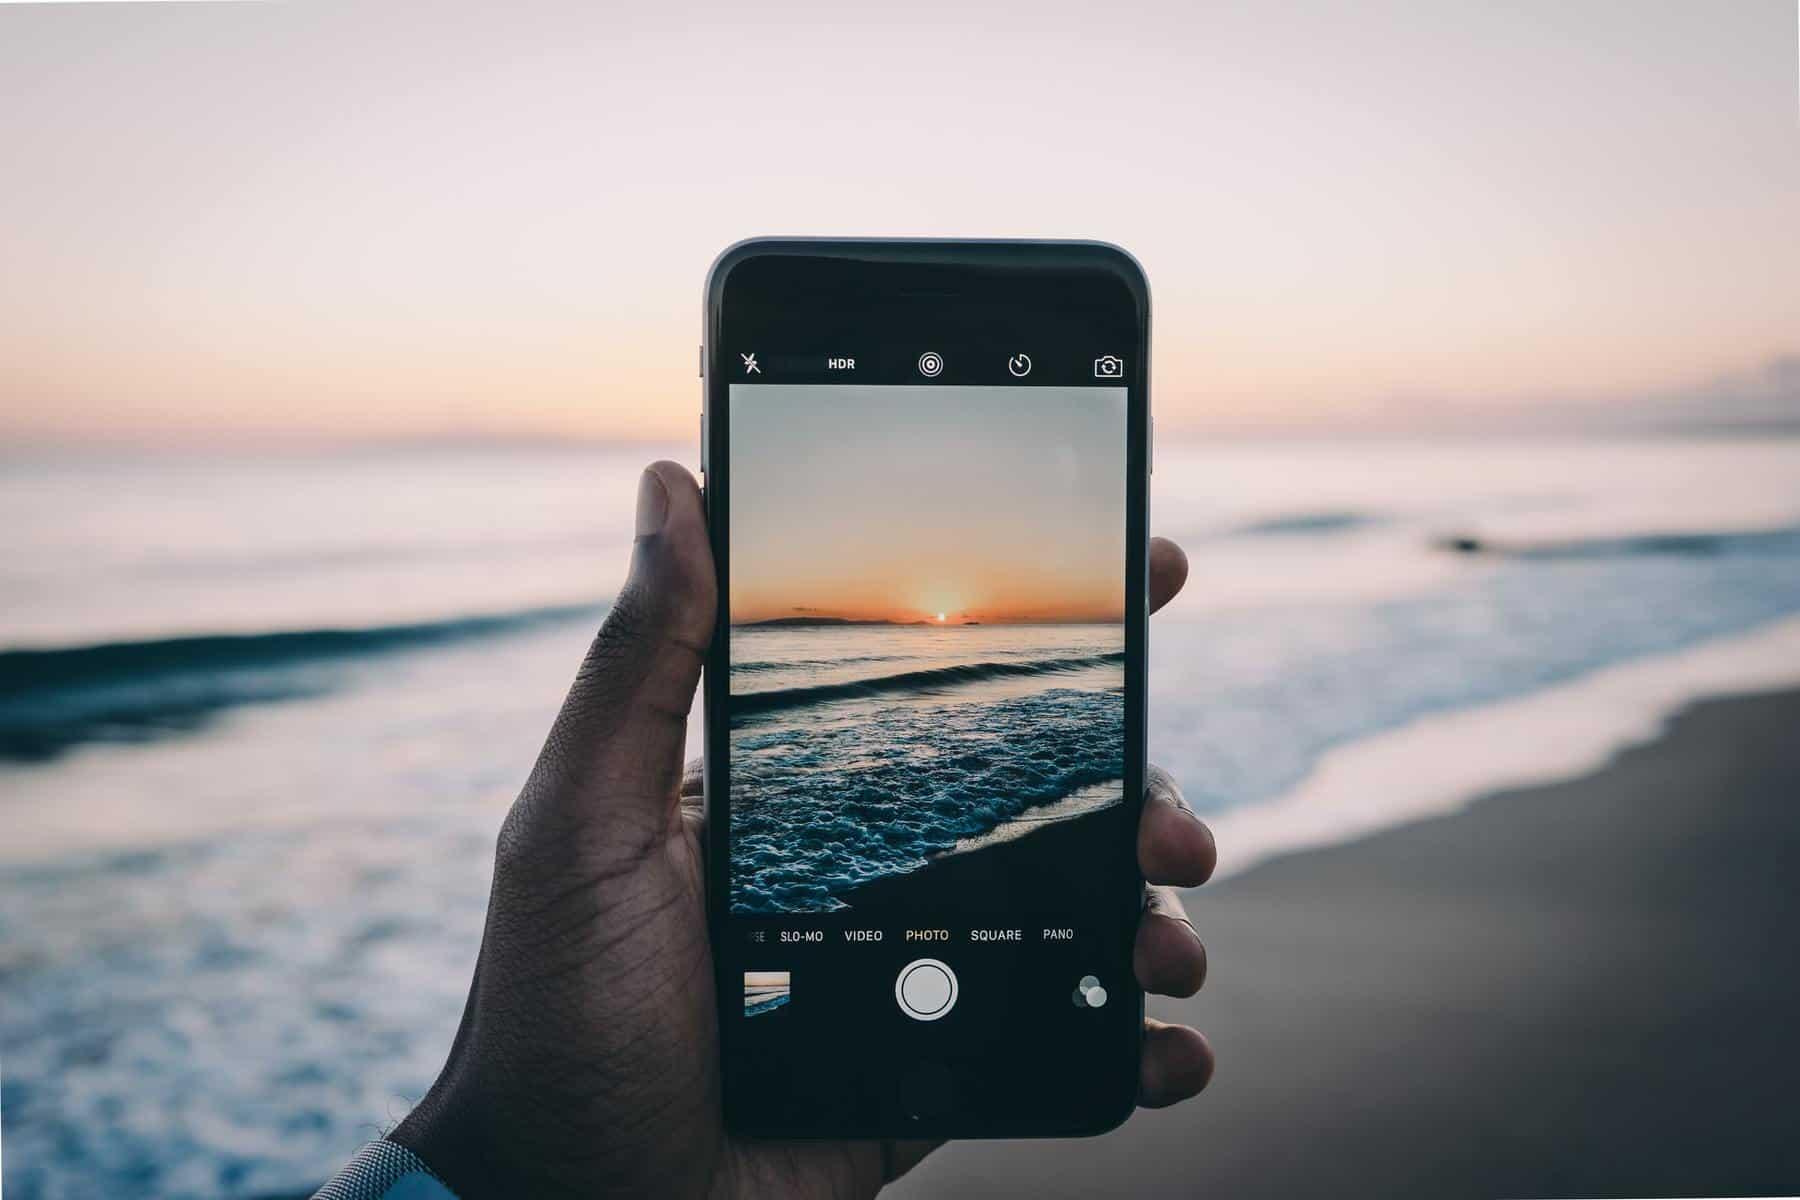 Phone at the Beach